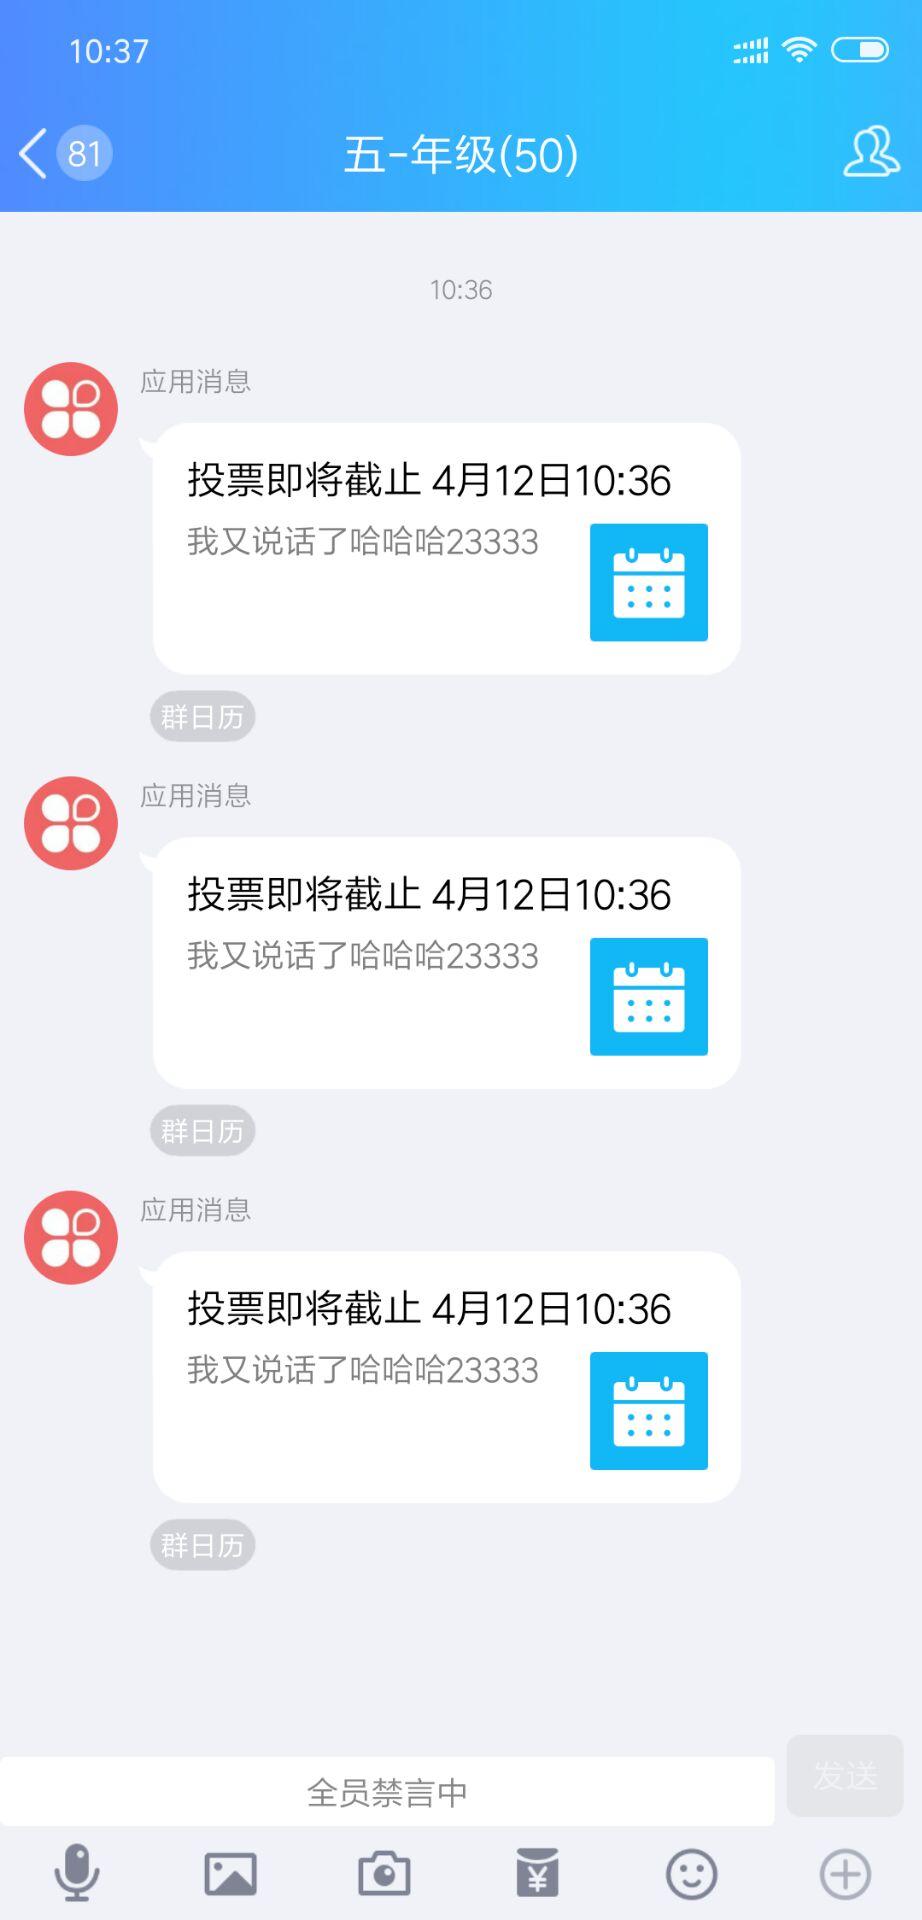 [软件]PC+安卓Q群突破禁言投票